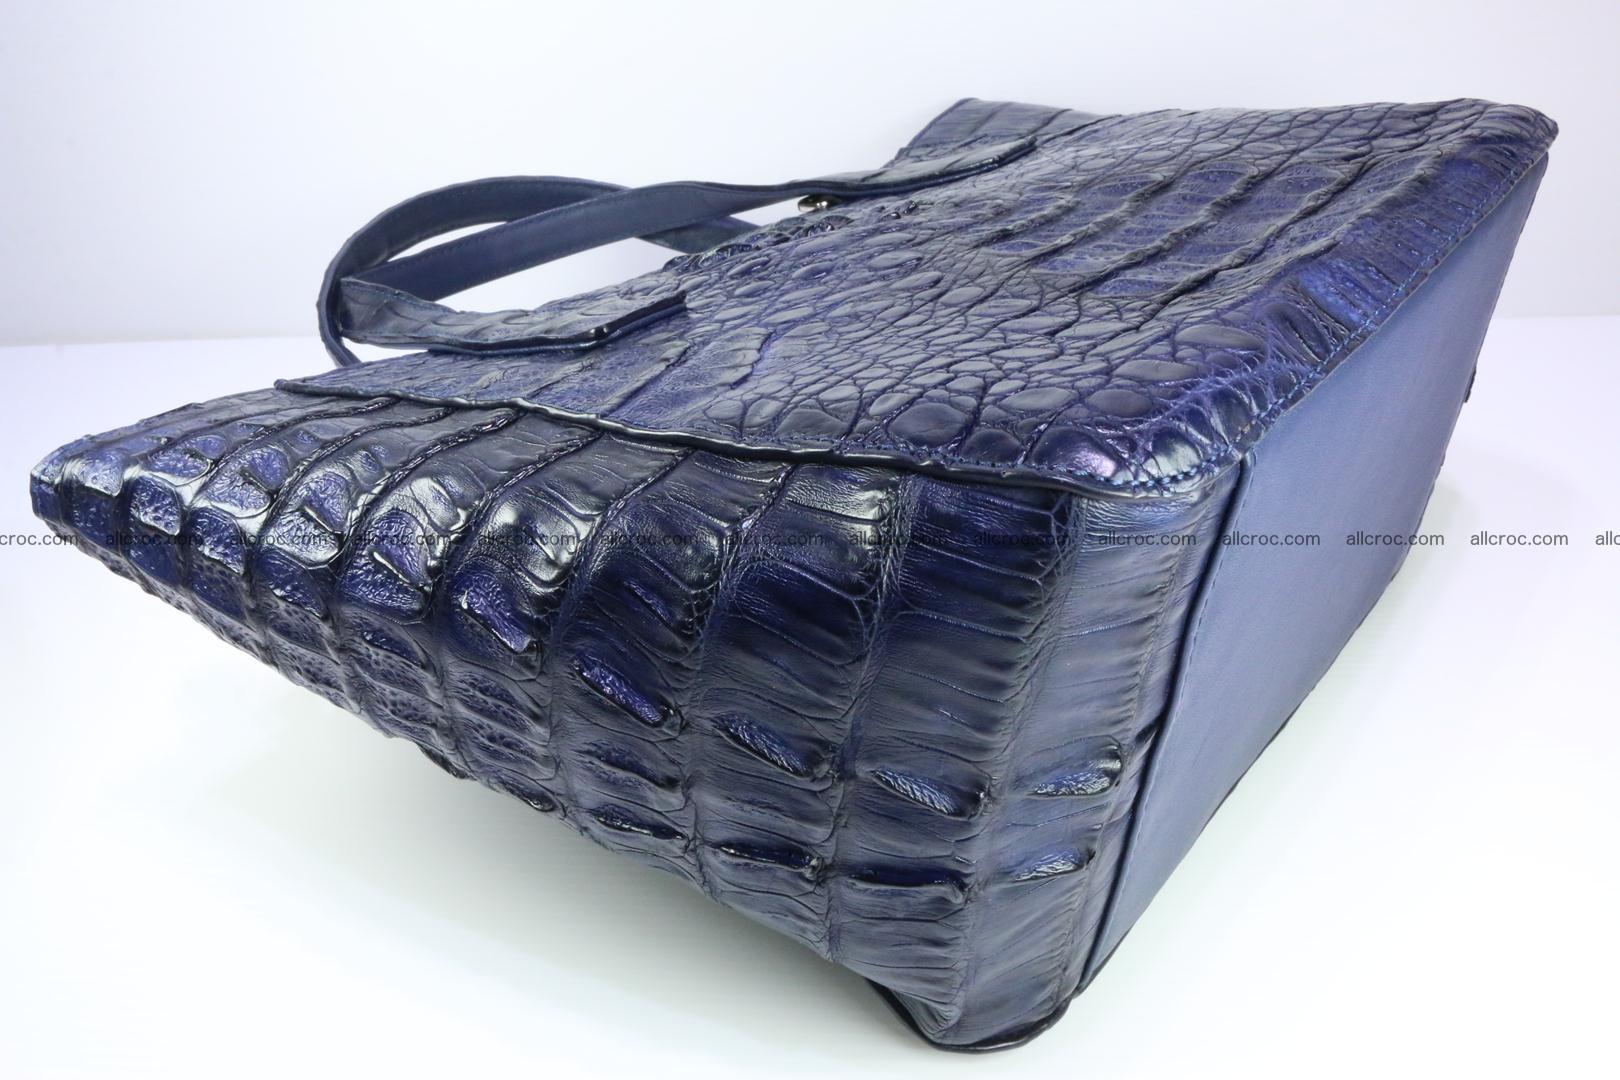 Genuine crocodile women's handbag 057 Foto 11